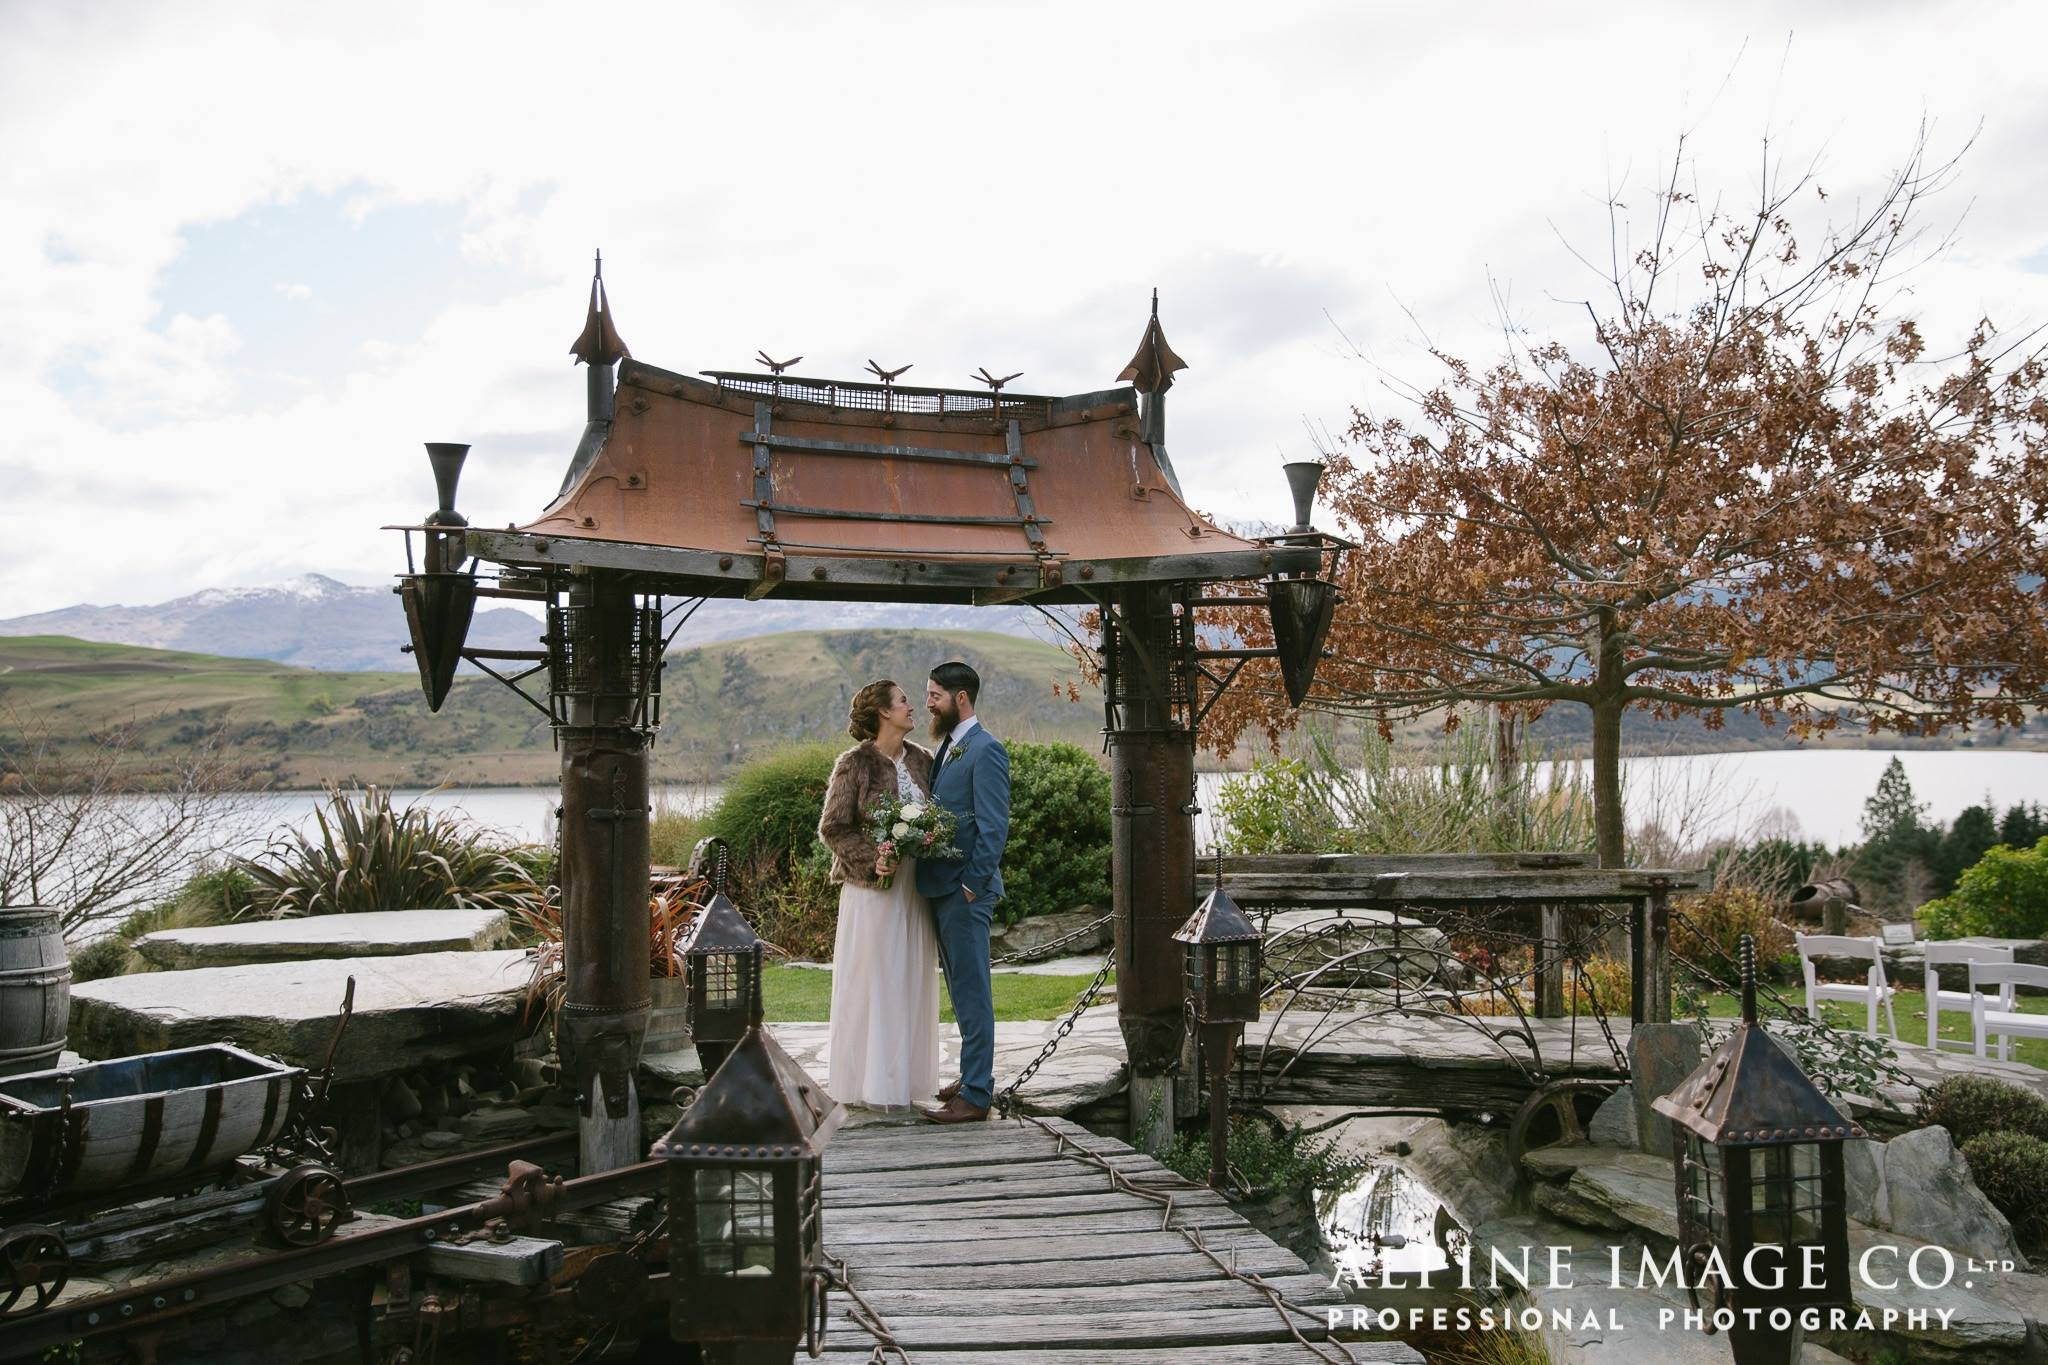 unique wedding venue set